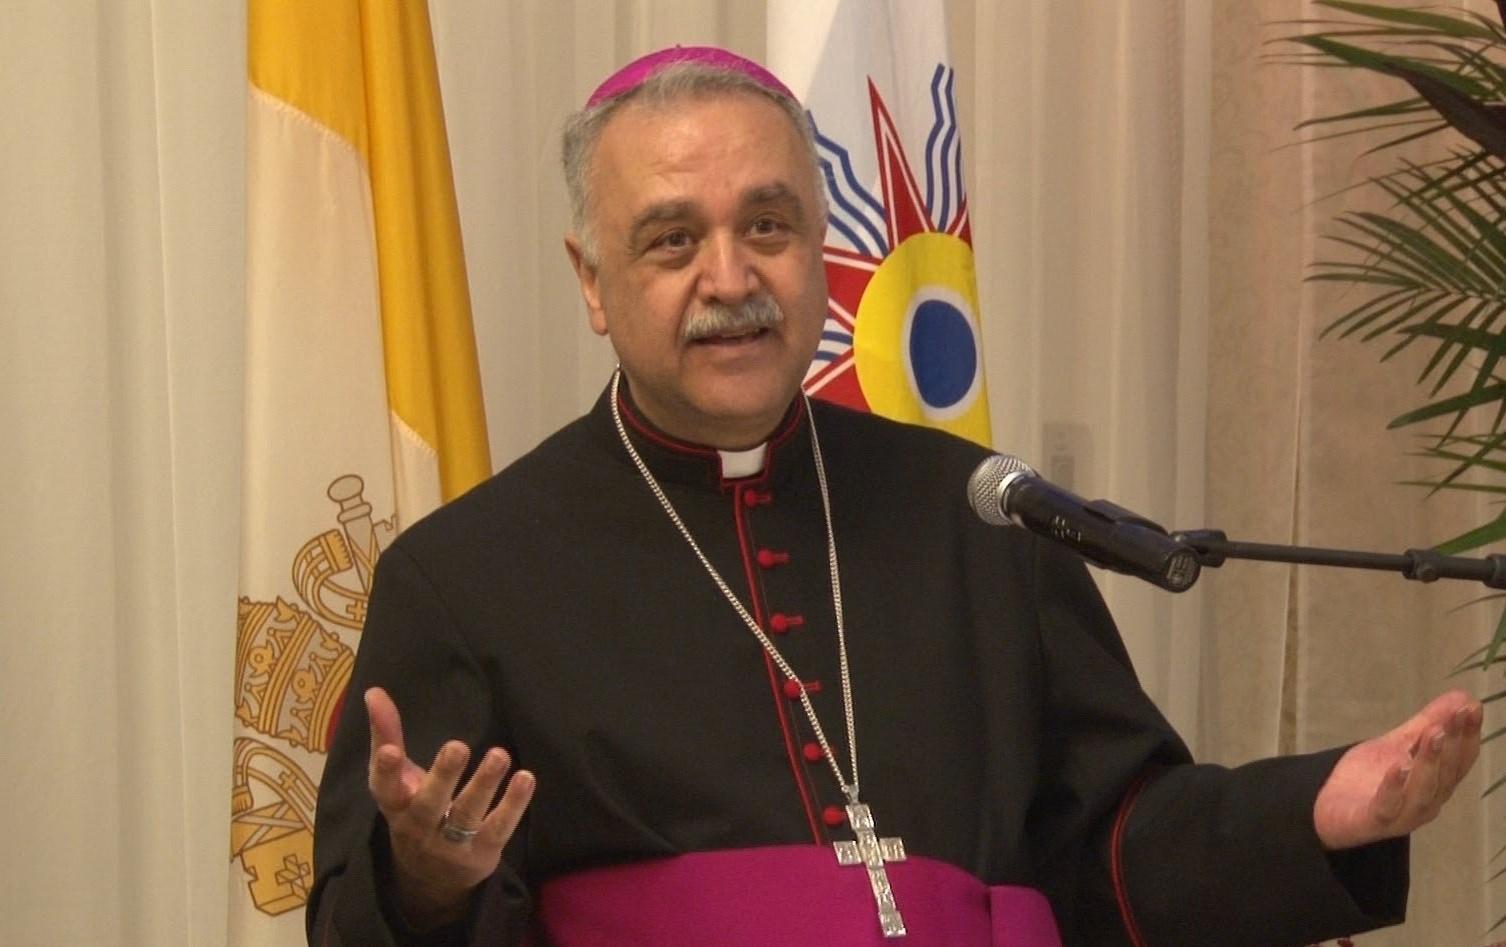 Папа Франциск назначил главой халдо-католической епархии в Канаде несторианского епископа, перешедшего в католичество